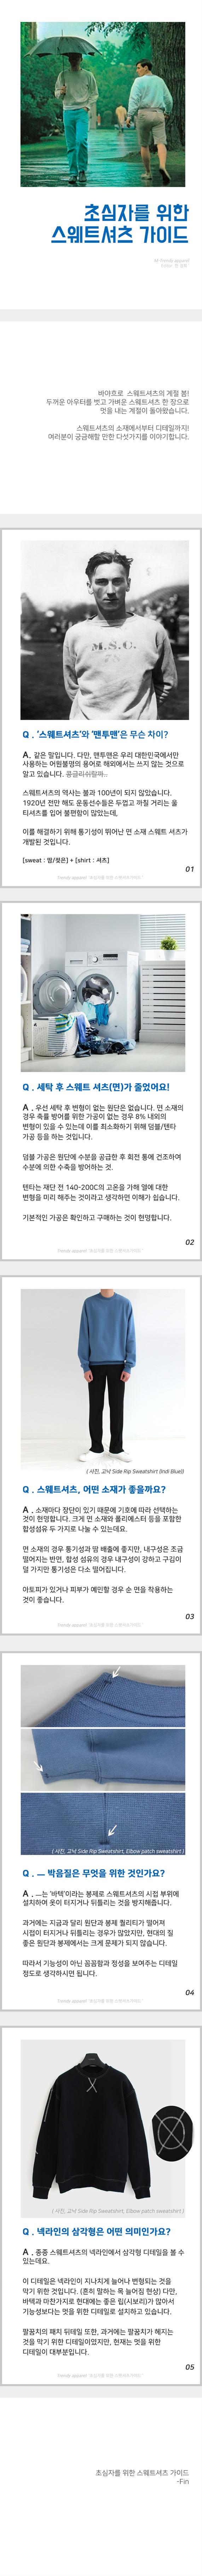 초심자를 위한 스웨트셔츠 가이드.jpg